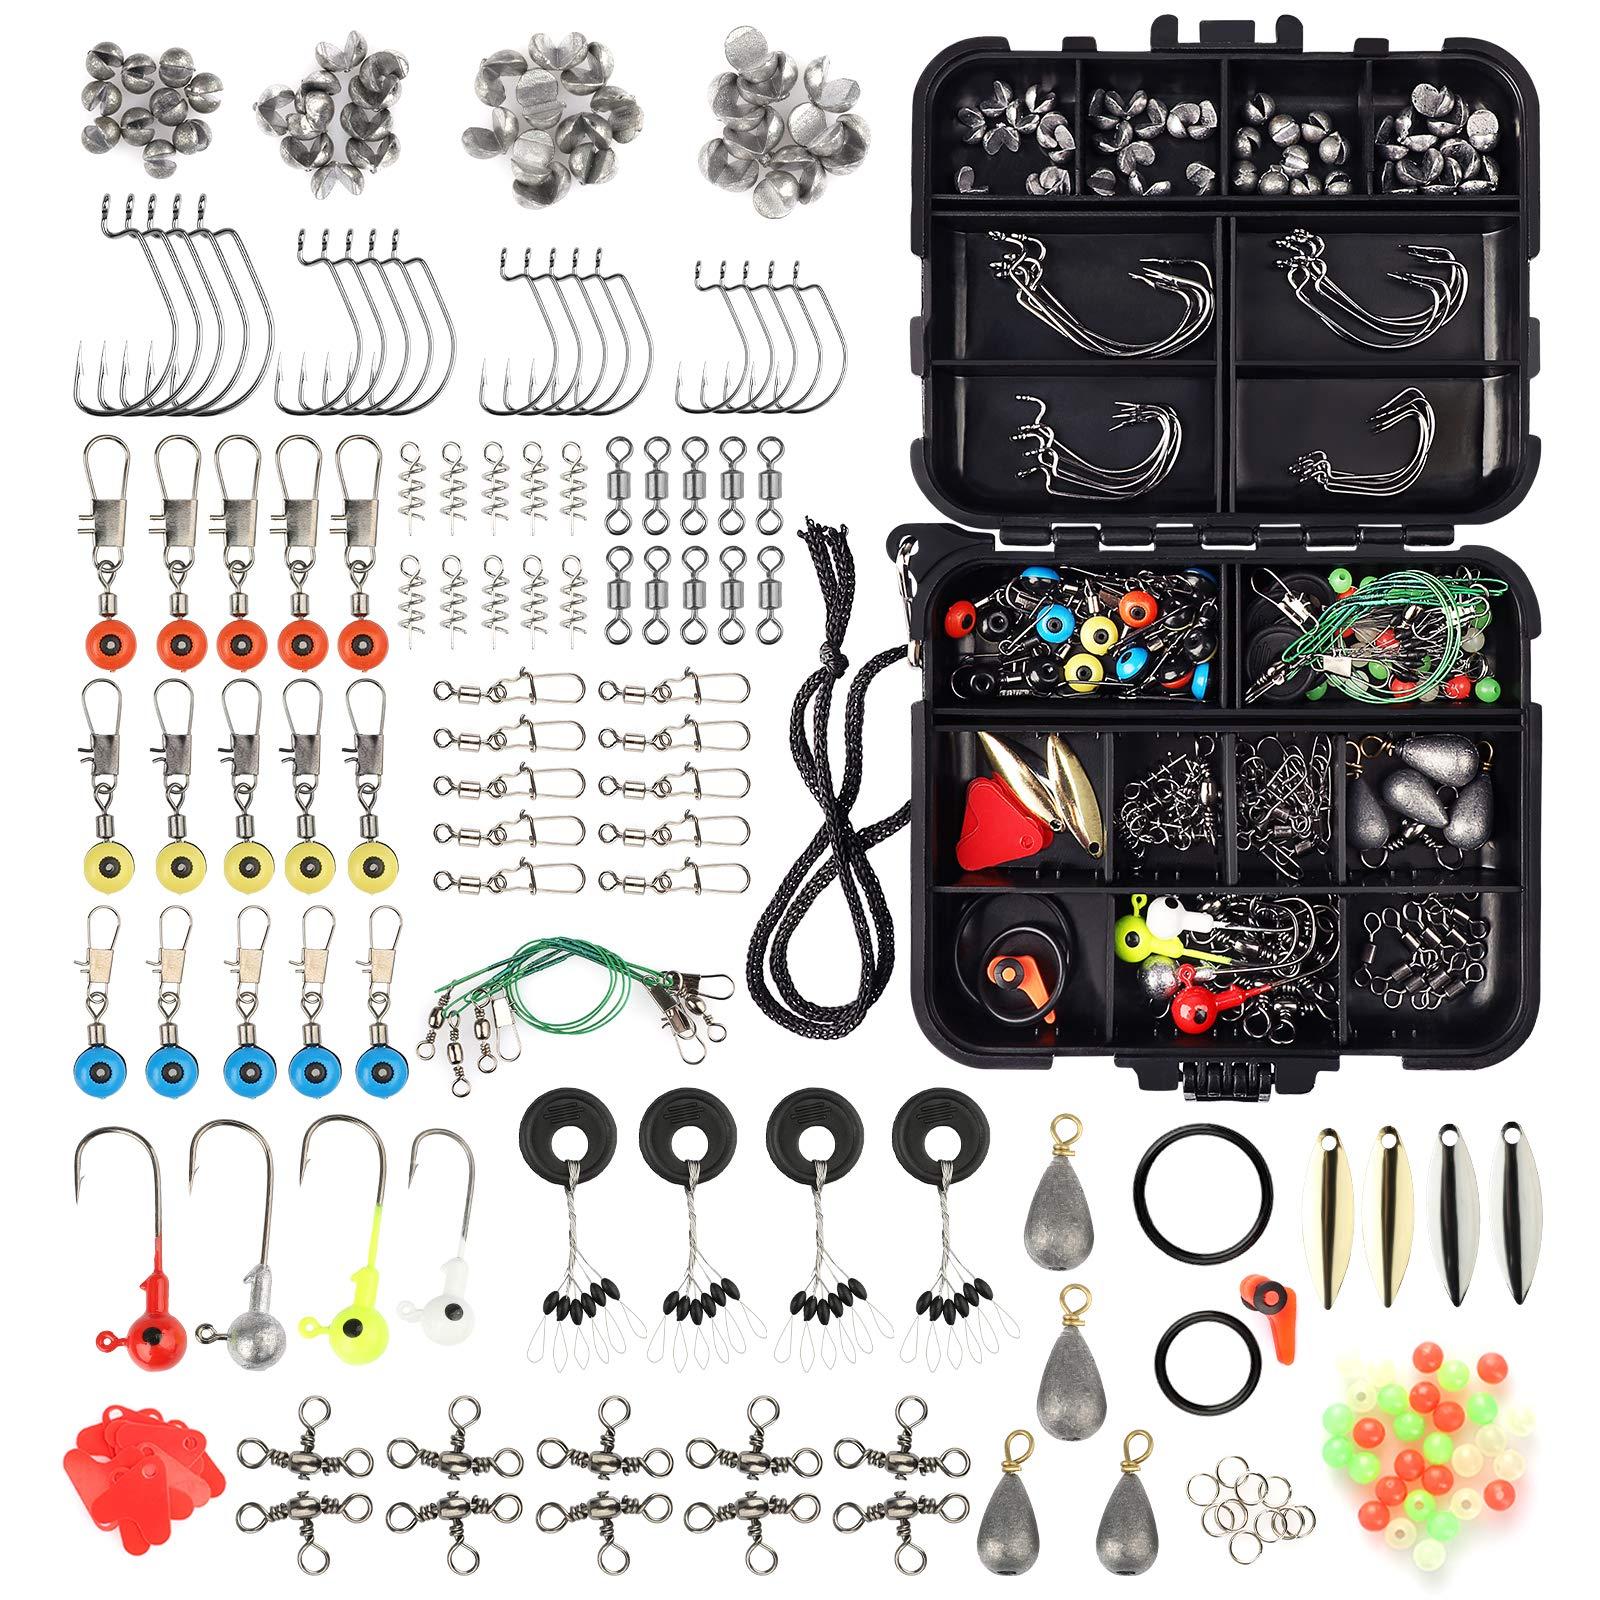 188pcs Ensemble Accessoires de Pêche Kit Avec Mer Beans Crochets Pivot Bite